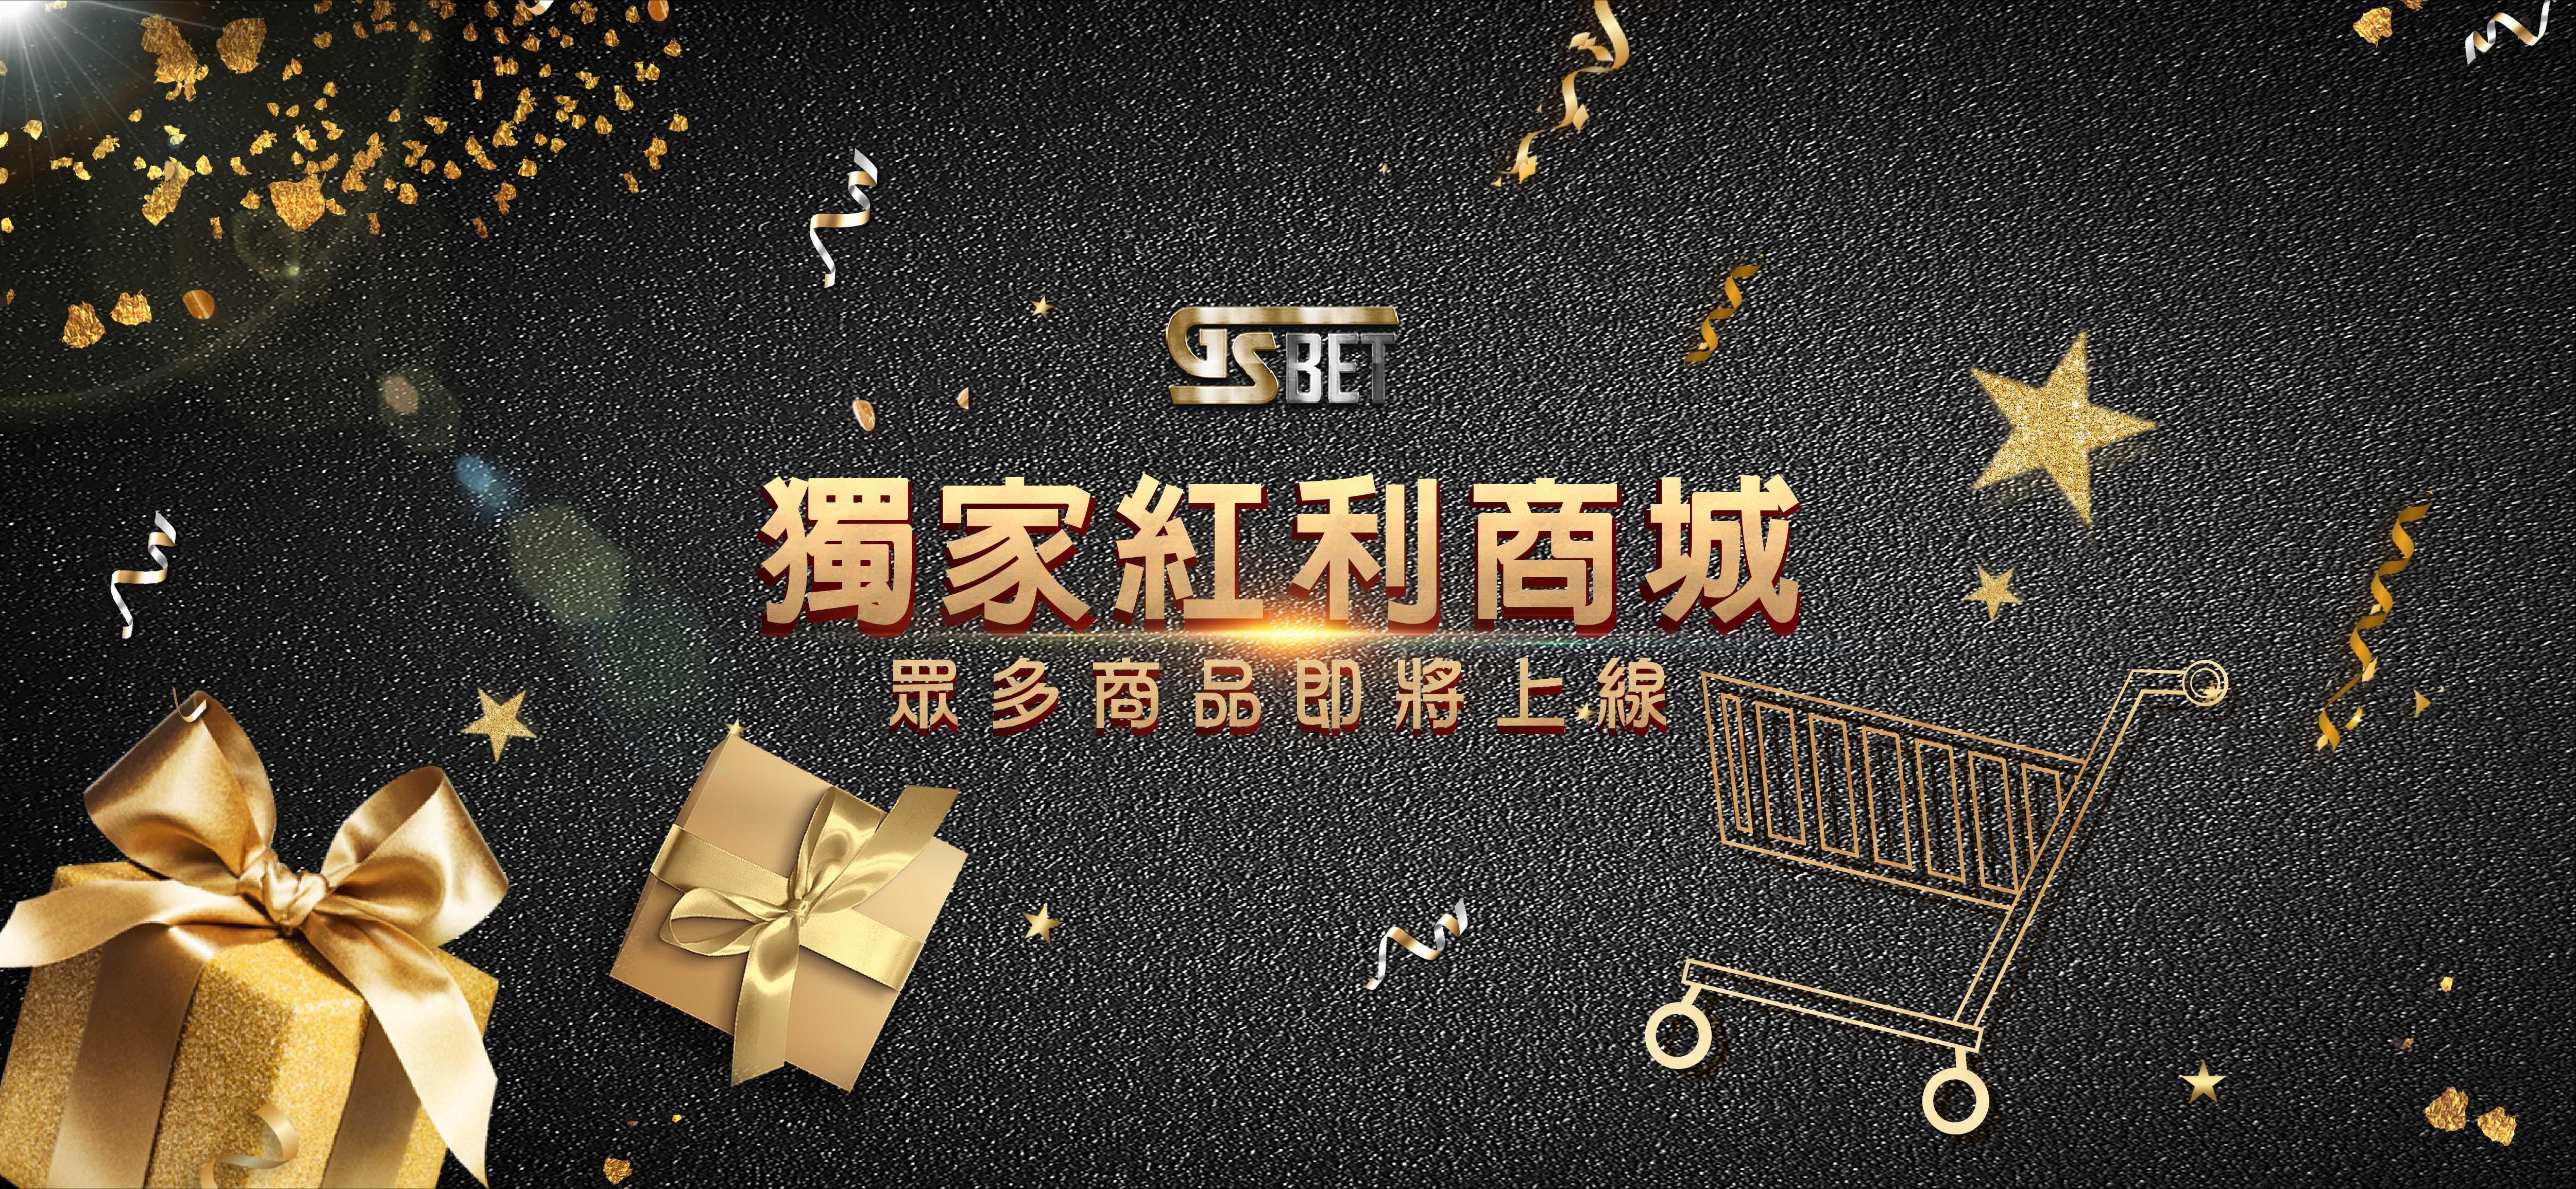 最新黑網資訊與推薦娛樂城!!(2020/05/14更新)- GamblePlus